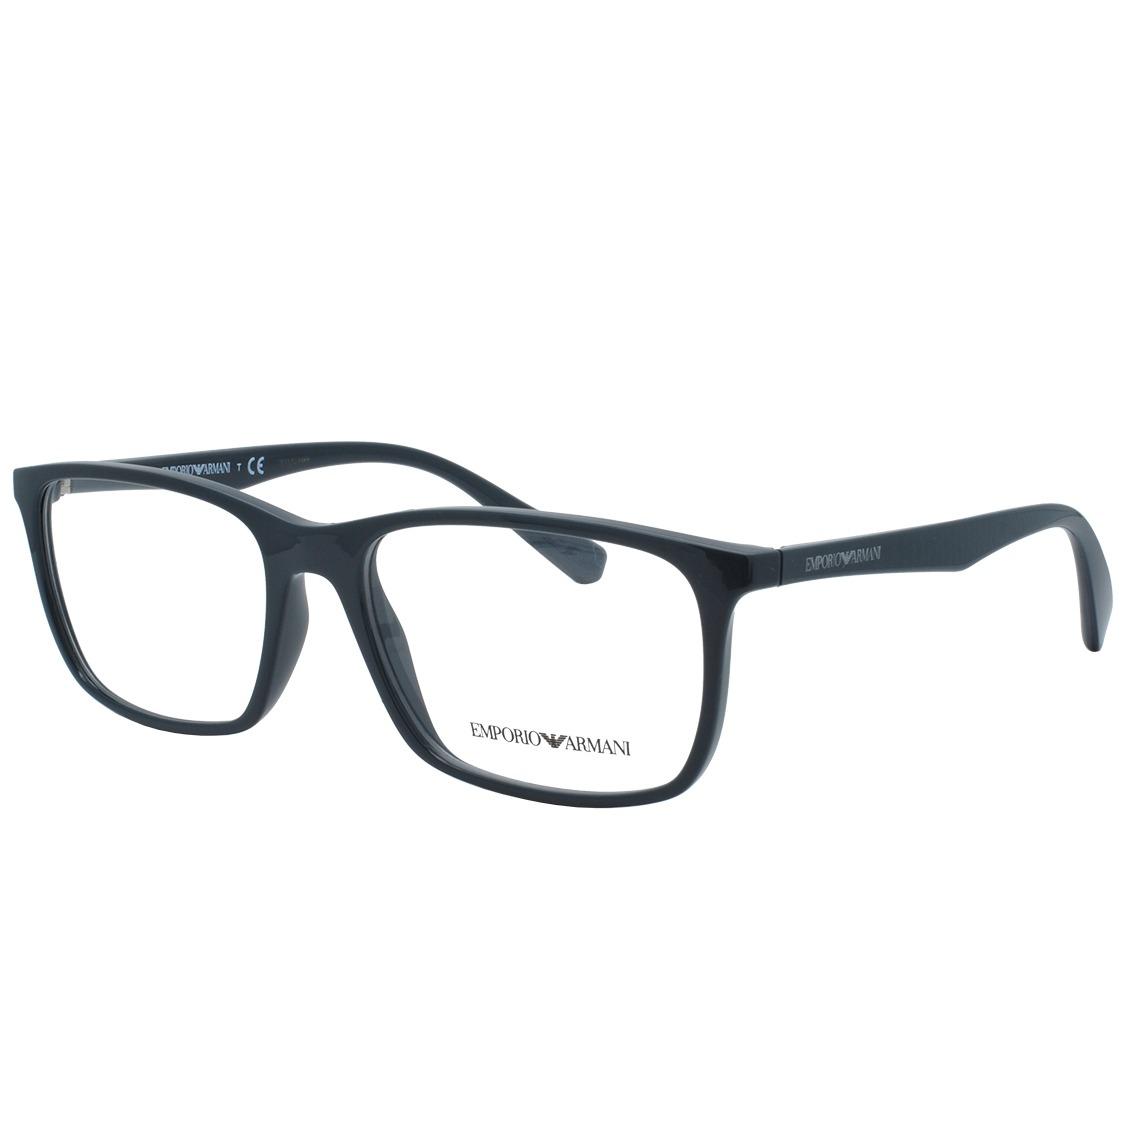 477eb7bd81218 óculos de grau emporio armani masculino original ea3116 5596. Carregando  zoom.